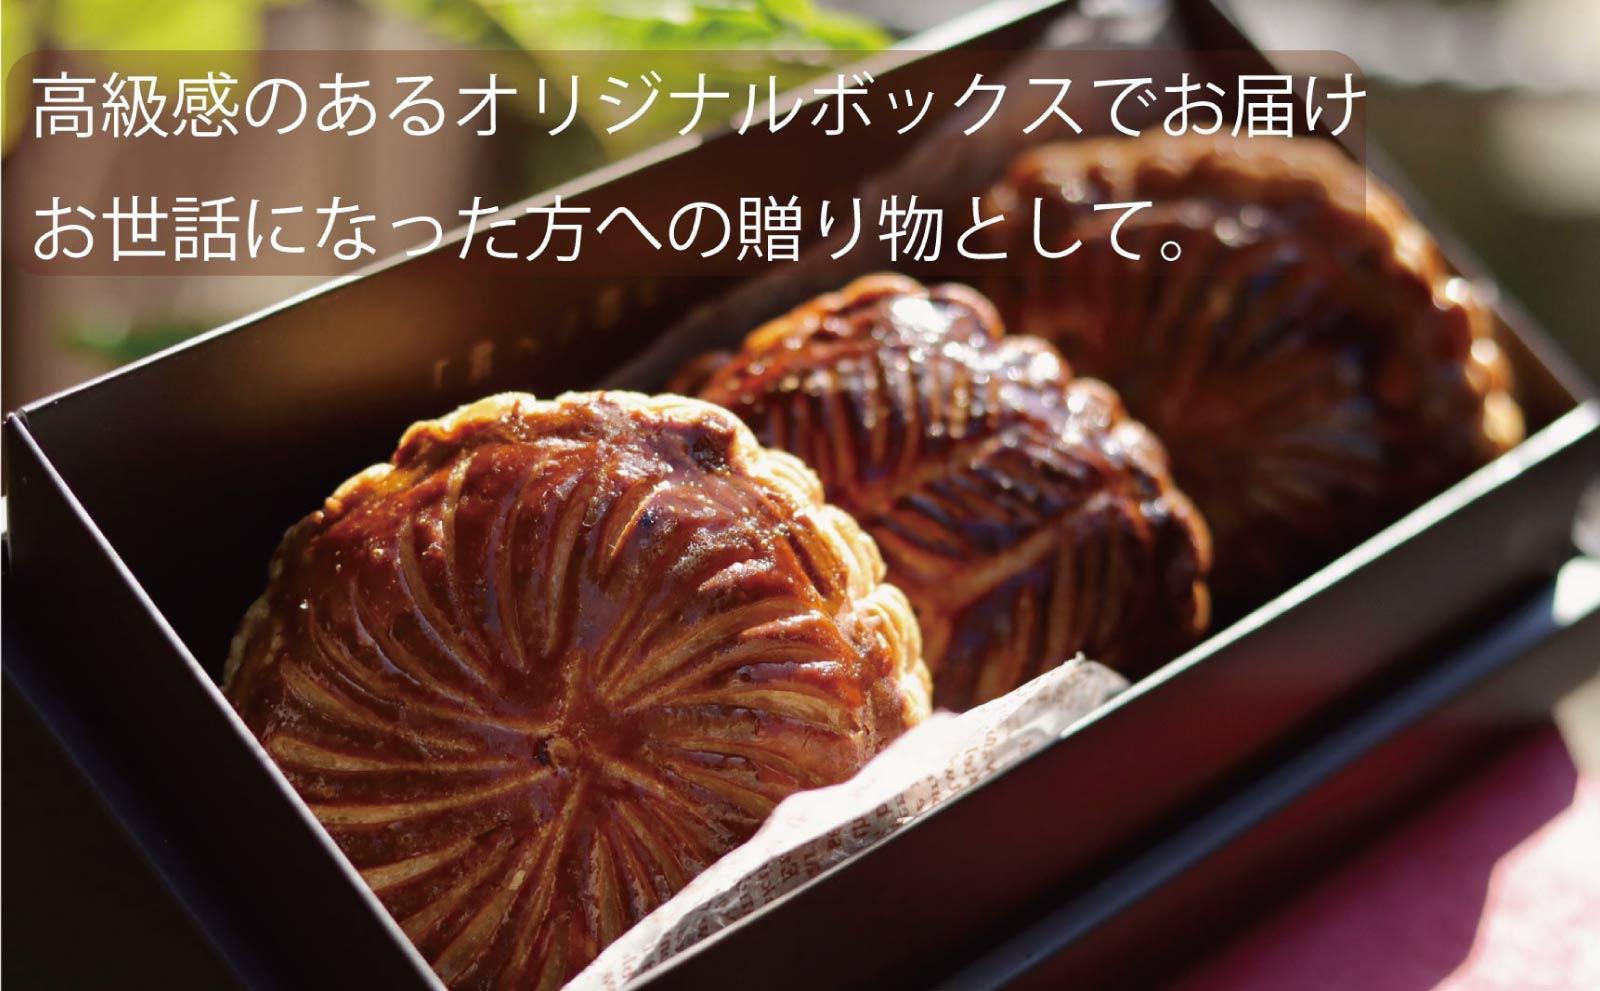 魅惑のパイ菓子 ピティビエ4個入りボックス(+ORihonオリジナルブレンド珈琲100g)